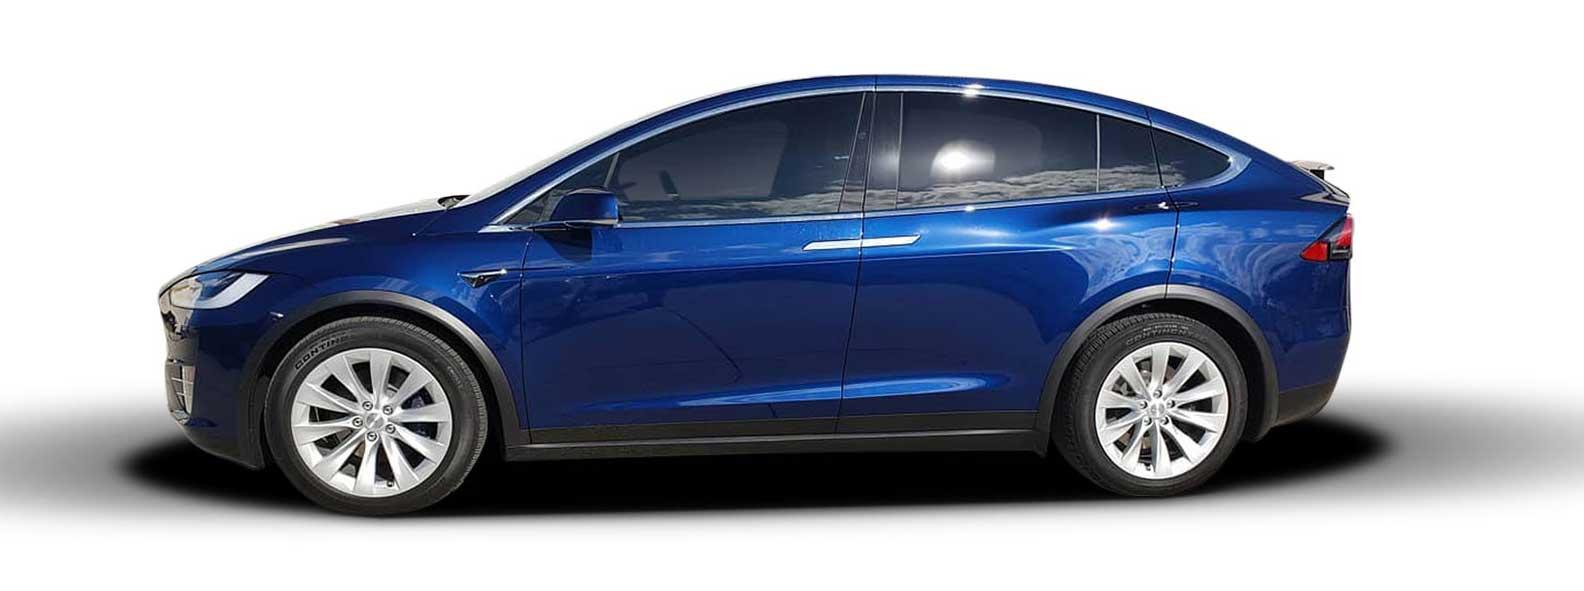 The EV Studio with Ceramic Coating for Tesla cars